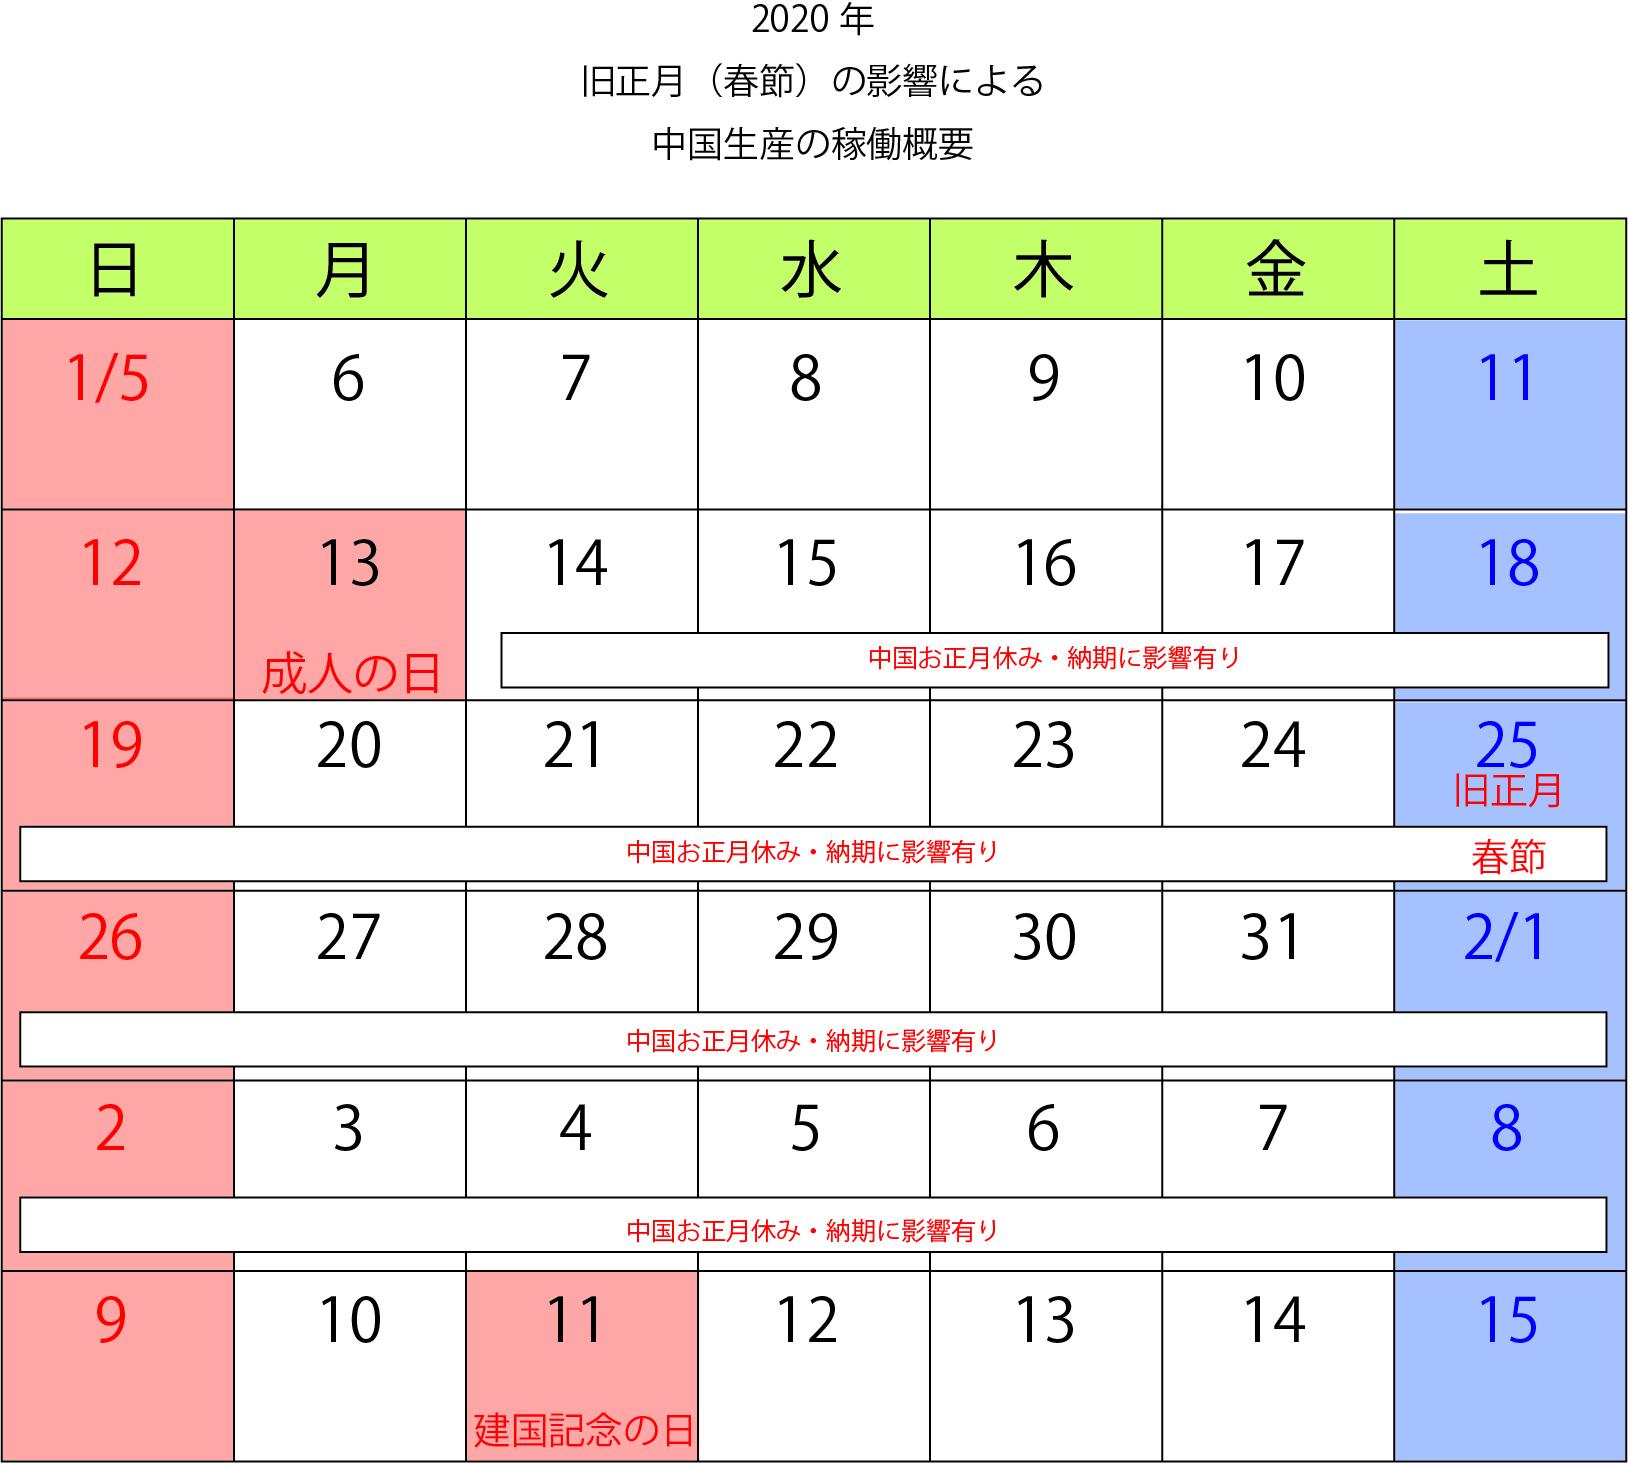 旧正月 春節 2020年 カレンダー 正月休み 影響 工場 稼働 中国